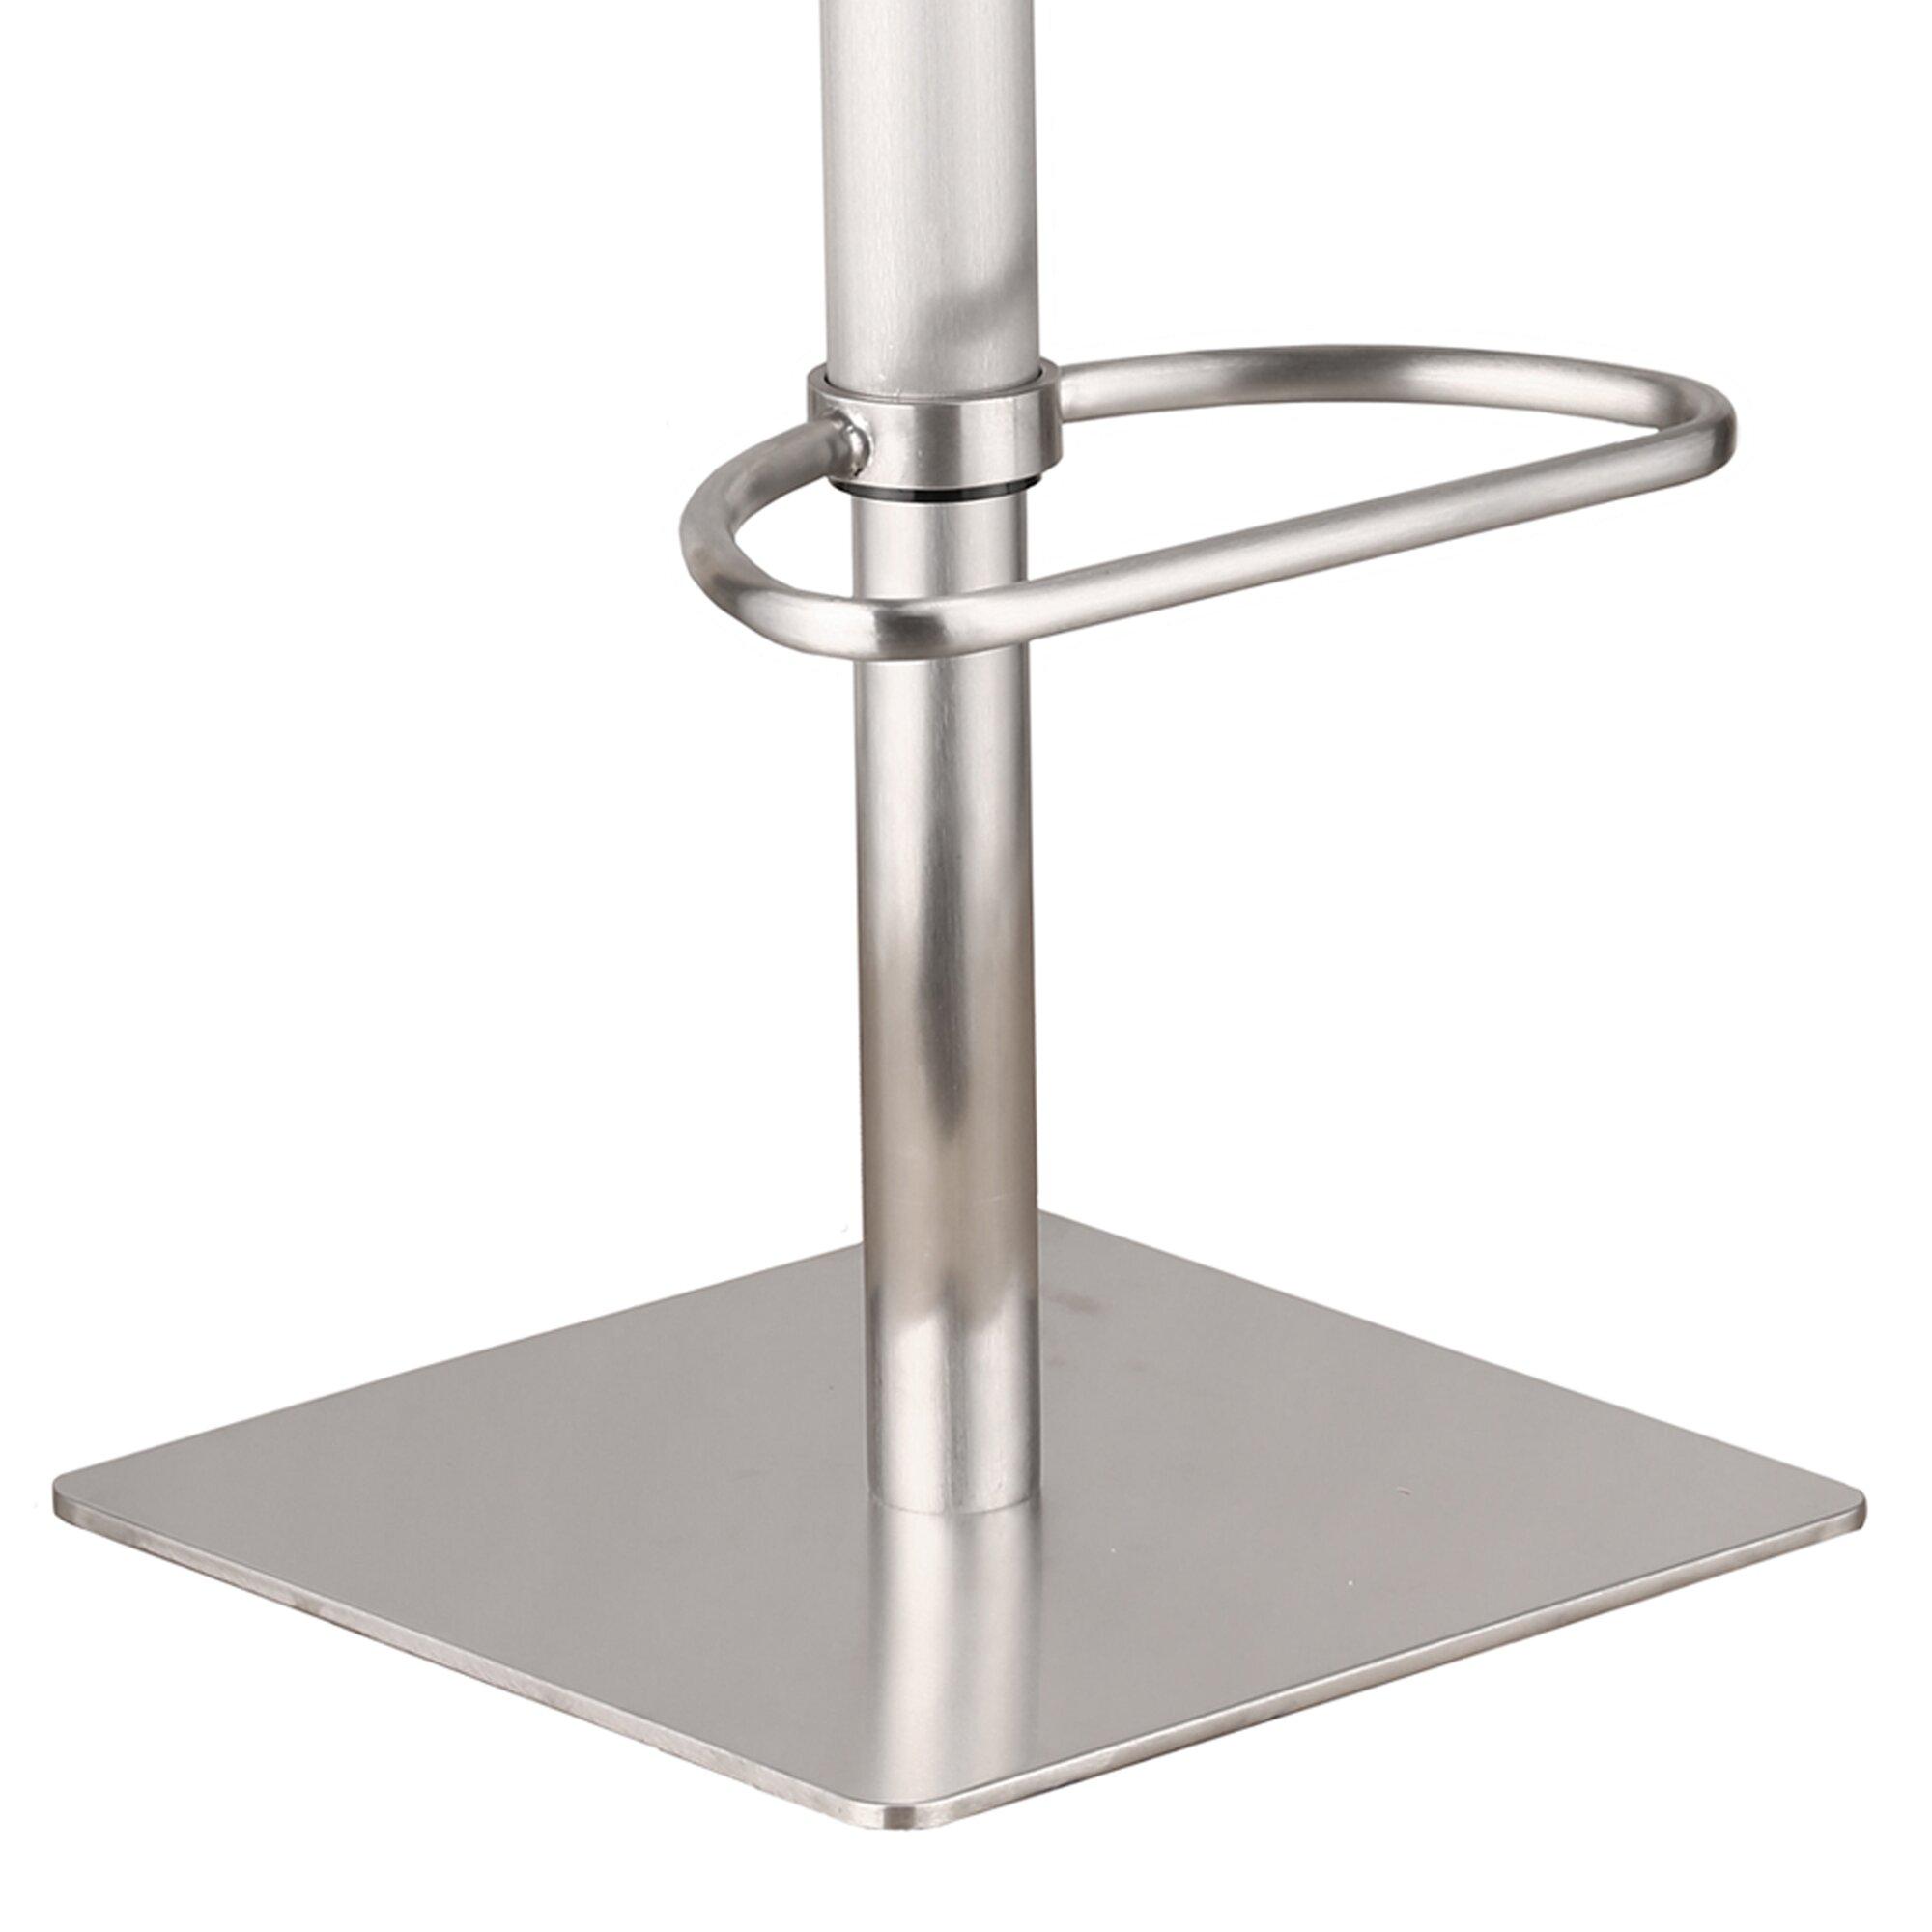 Armen Living Delmar Adjustable Height Swivel Bar Stool